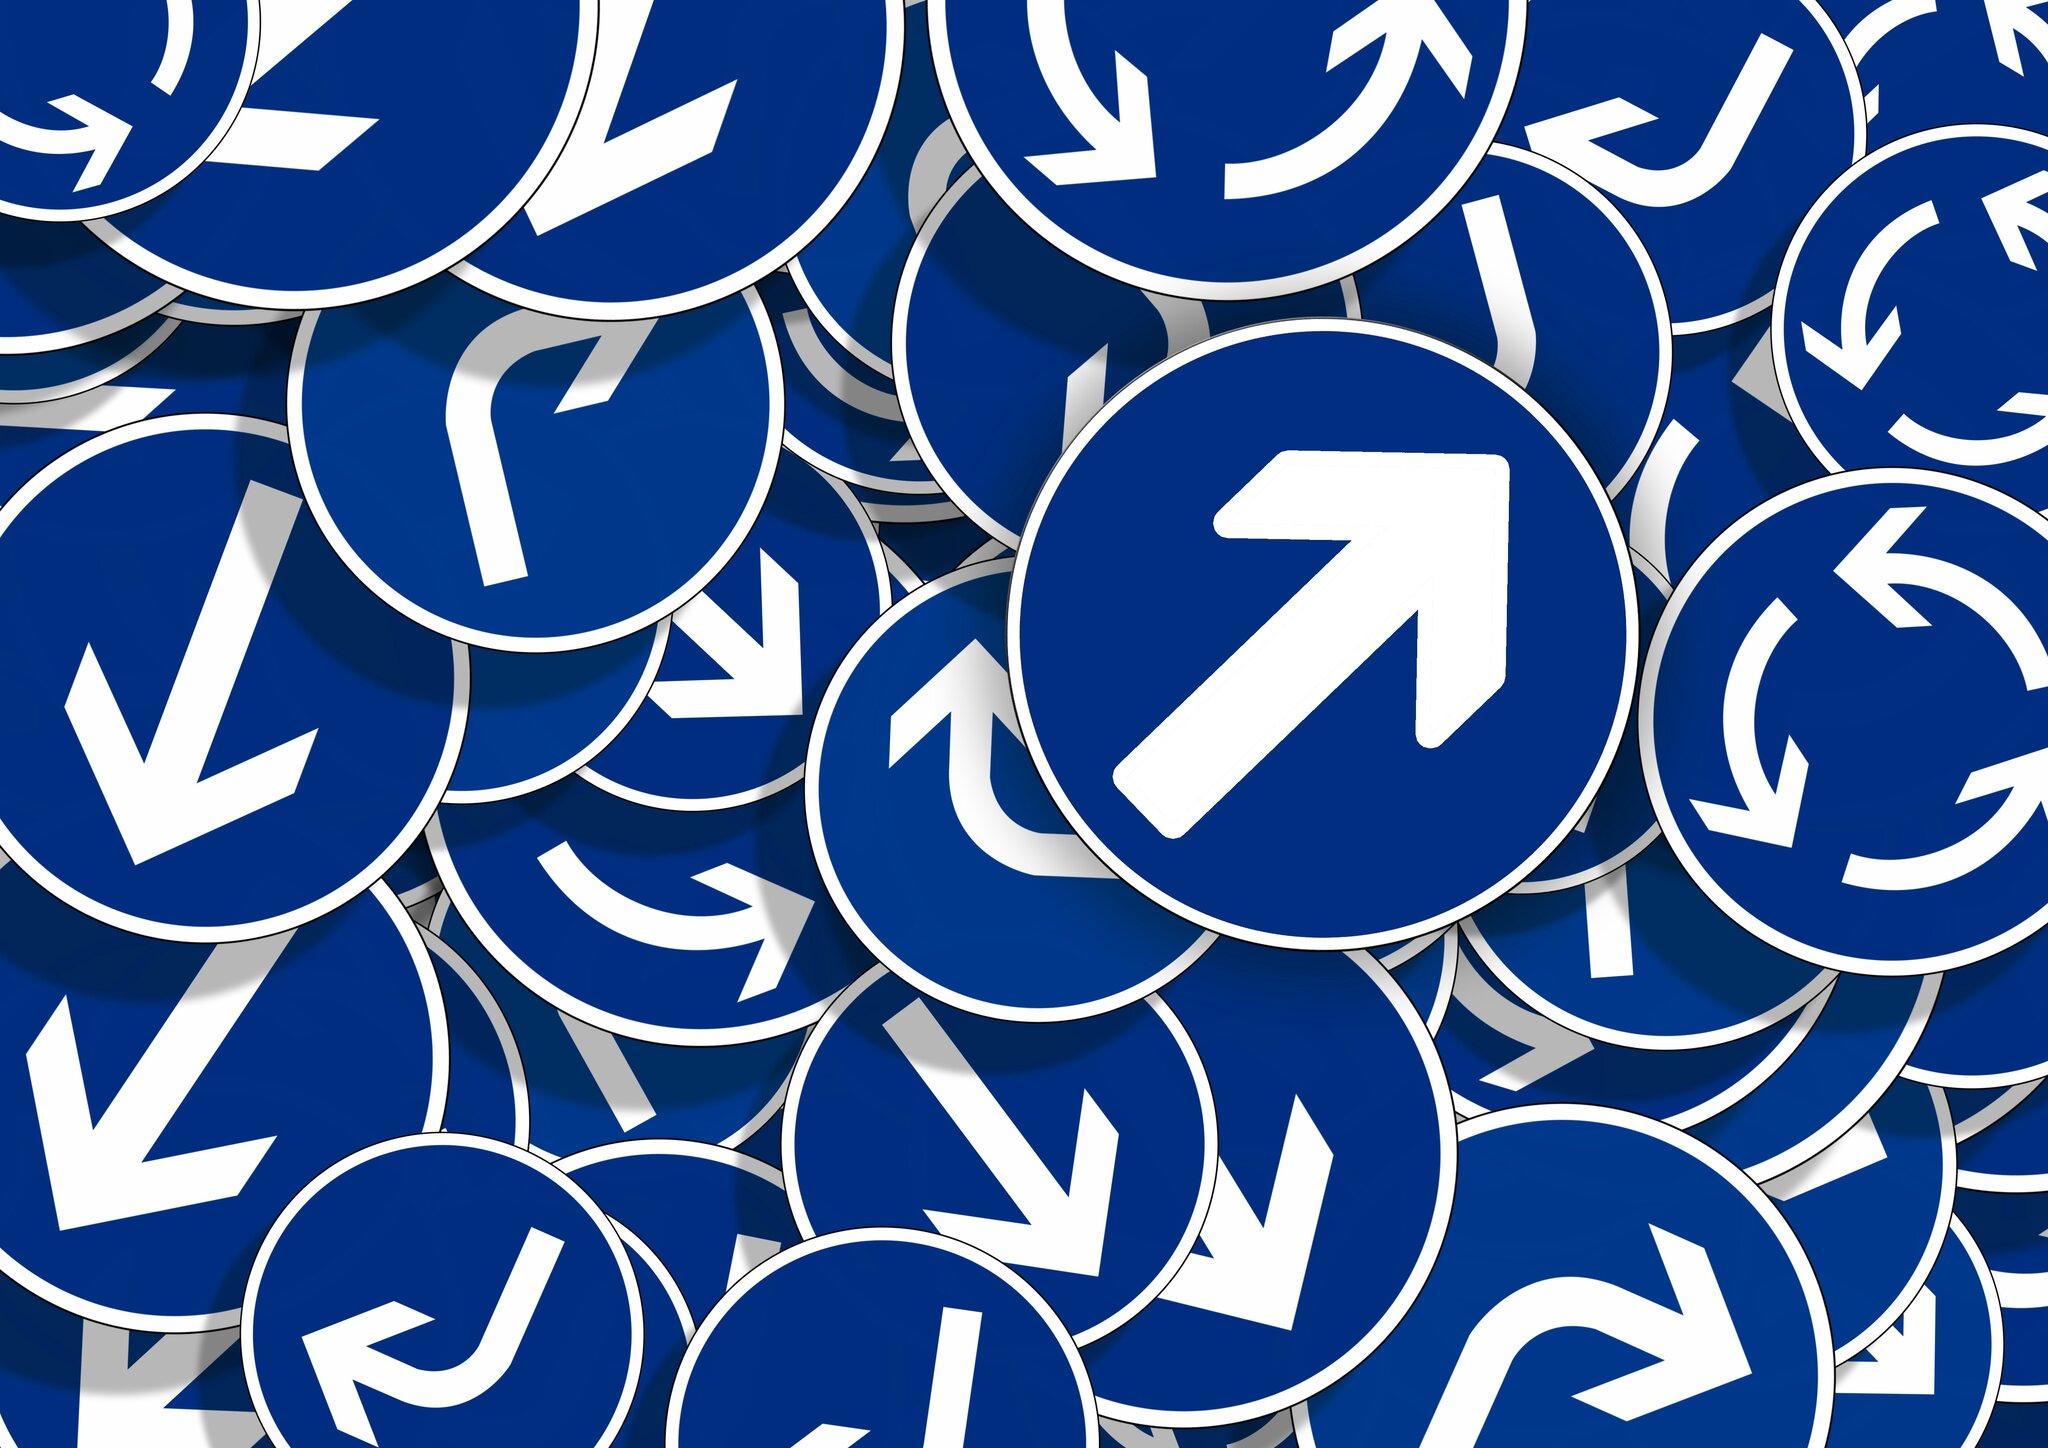 Intro Źródło: www.pixabay.com, domena publiczna.